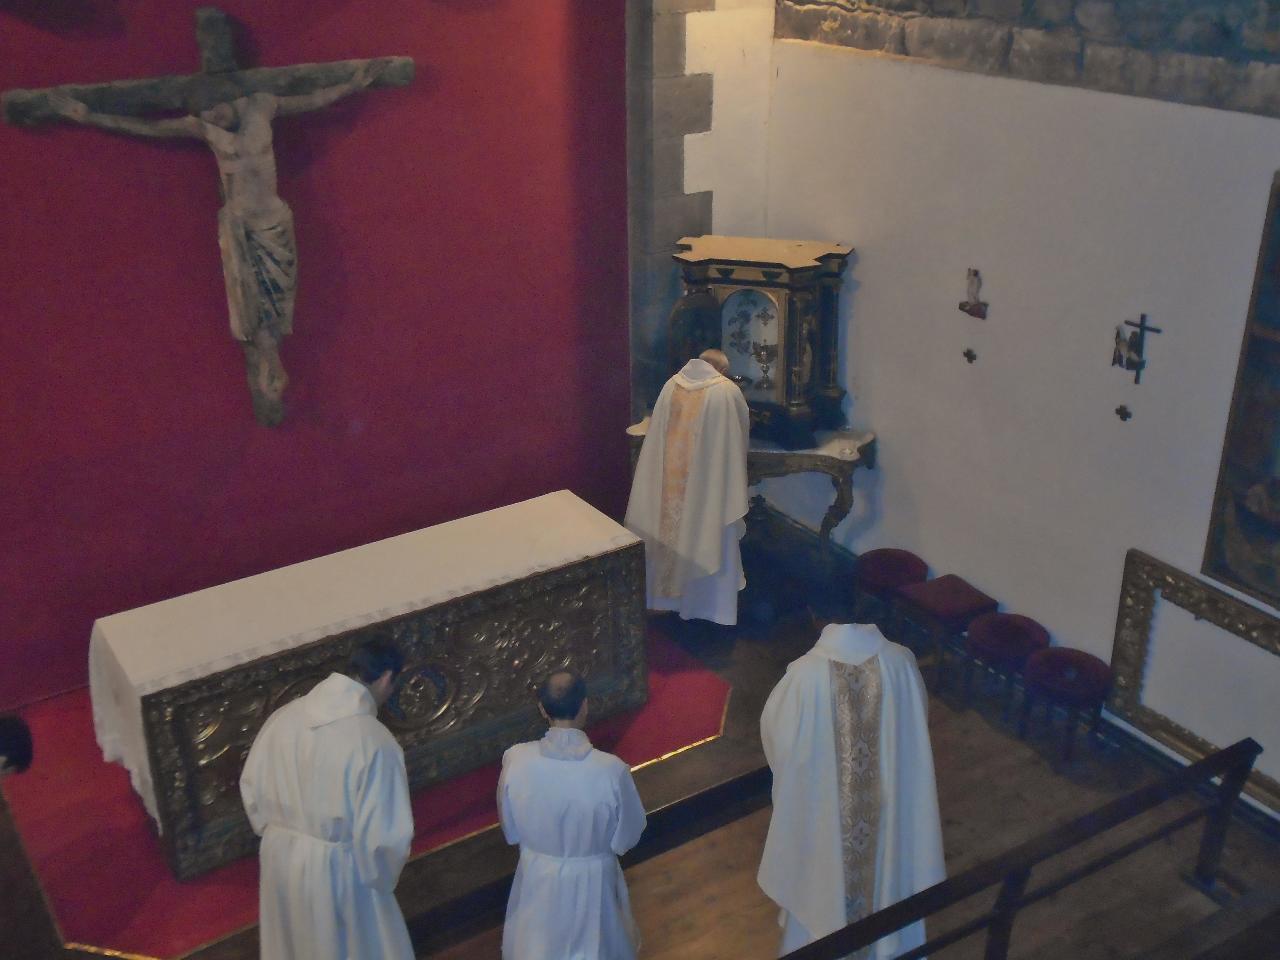 Et le Saint Sacrement retrouve sa place, disponible à la prière de chacun